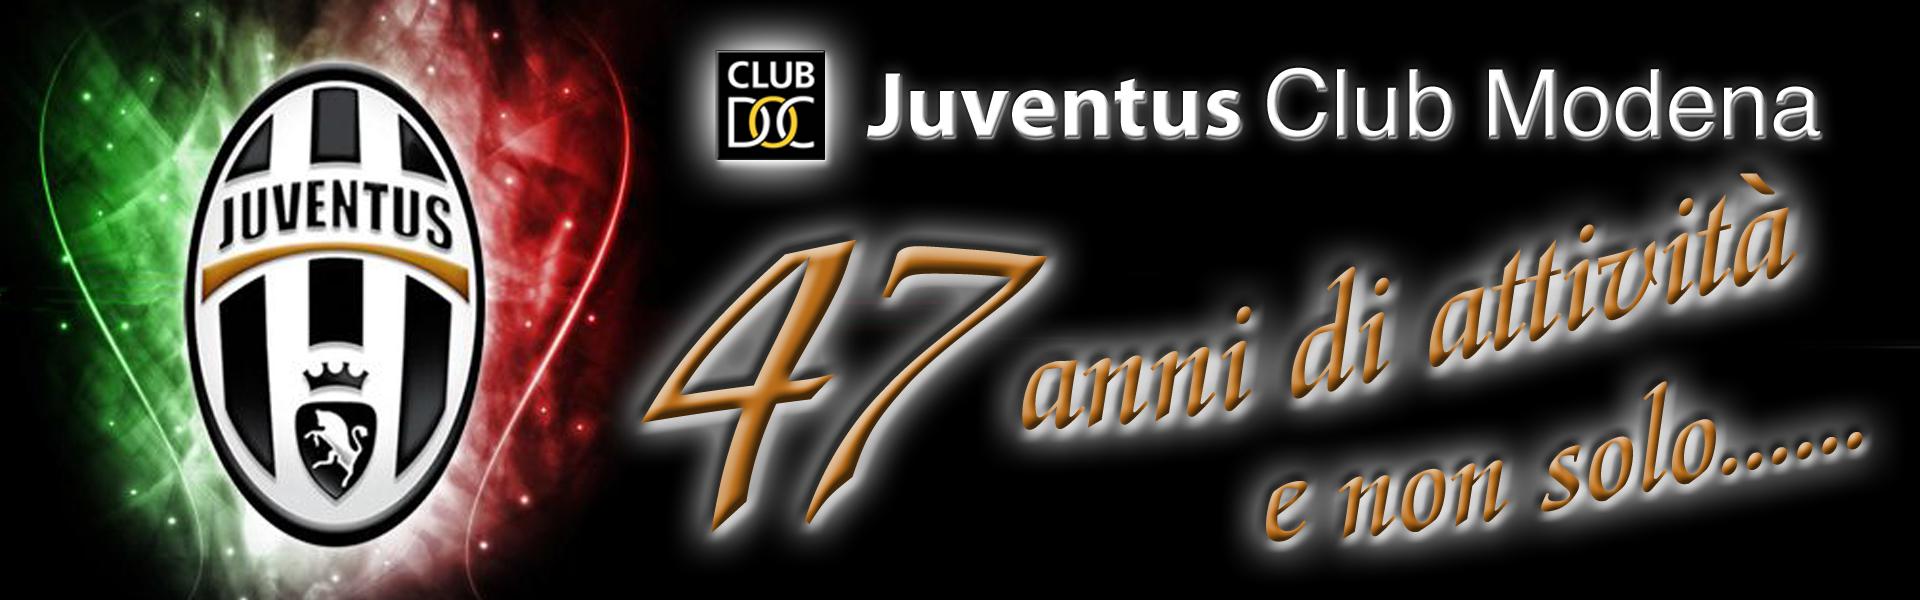 47annibis